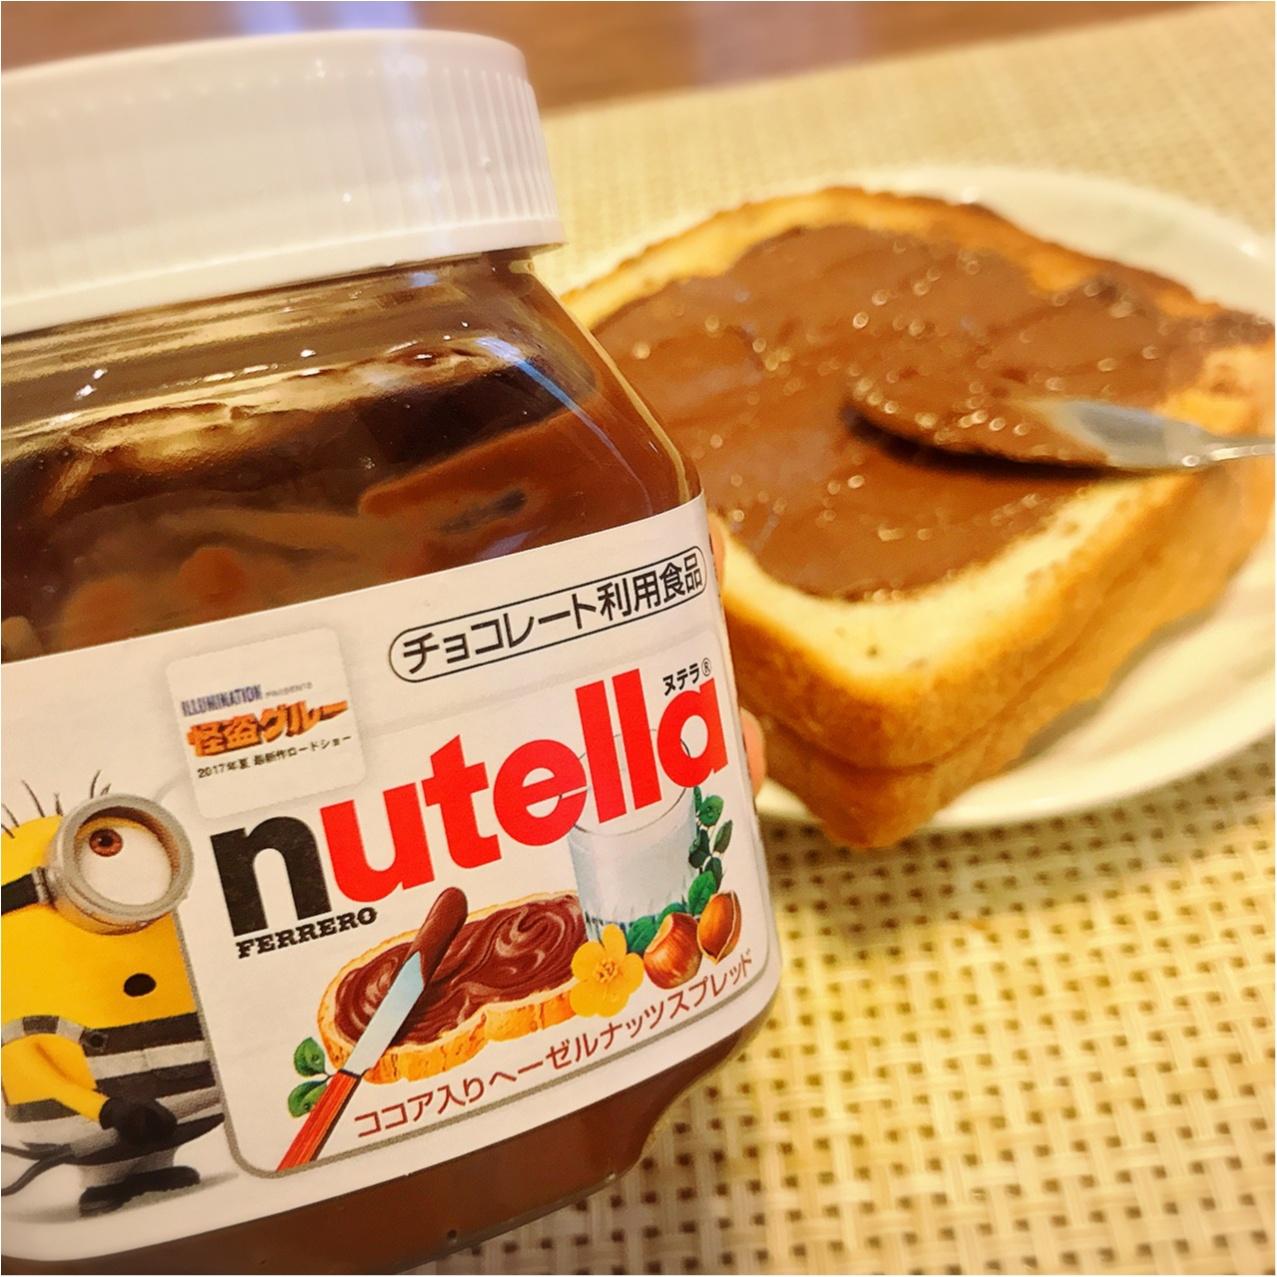 ヨーロッパの朝食の定番!【nutella(ヌテラ)】から《怪盗グルーのミニオン大脱走》限定パッケージが登場♡_3